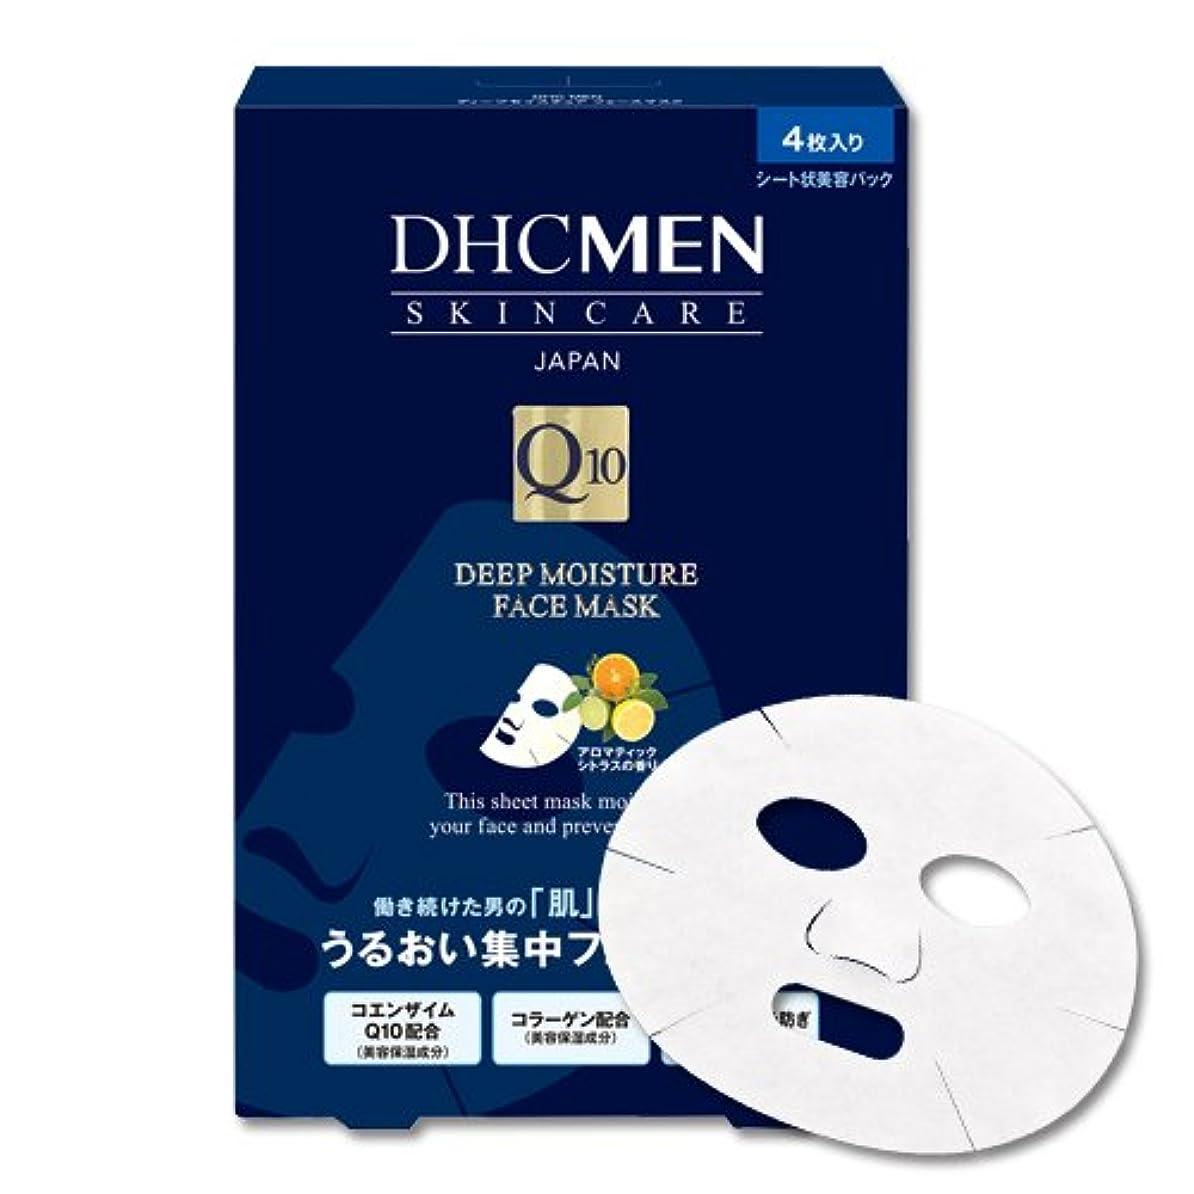 予測子ヒロイック耳DHC MEN ディープモイスチュア フェースマスク